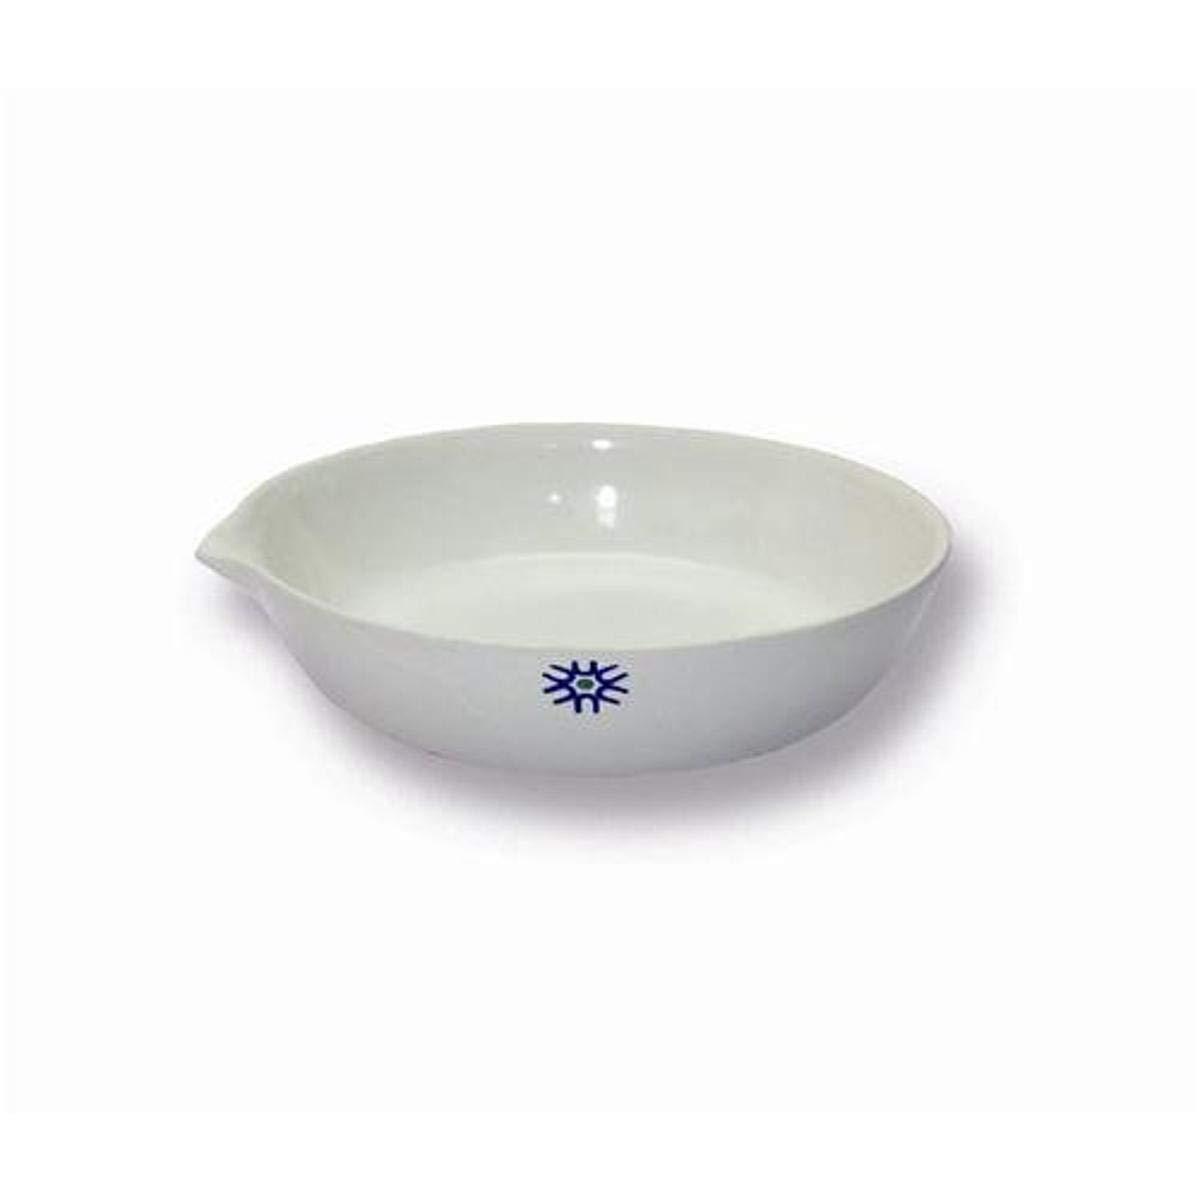 United Scientific Supplies JEF050 Porcelain Dish Evaporating Fl Translated depot